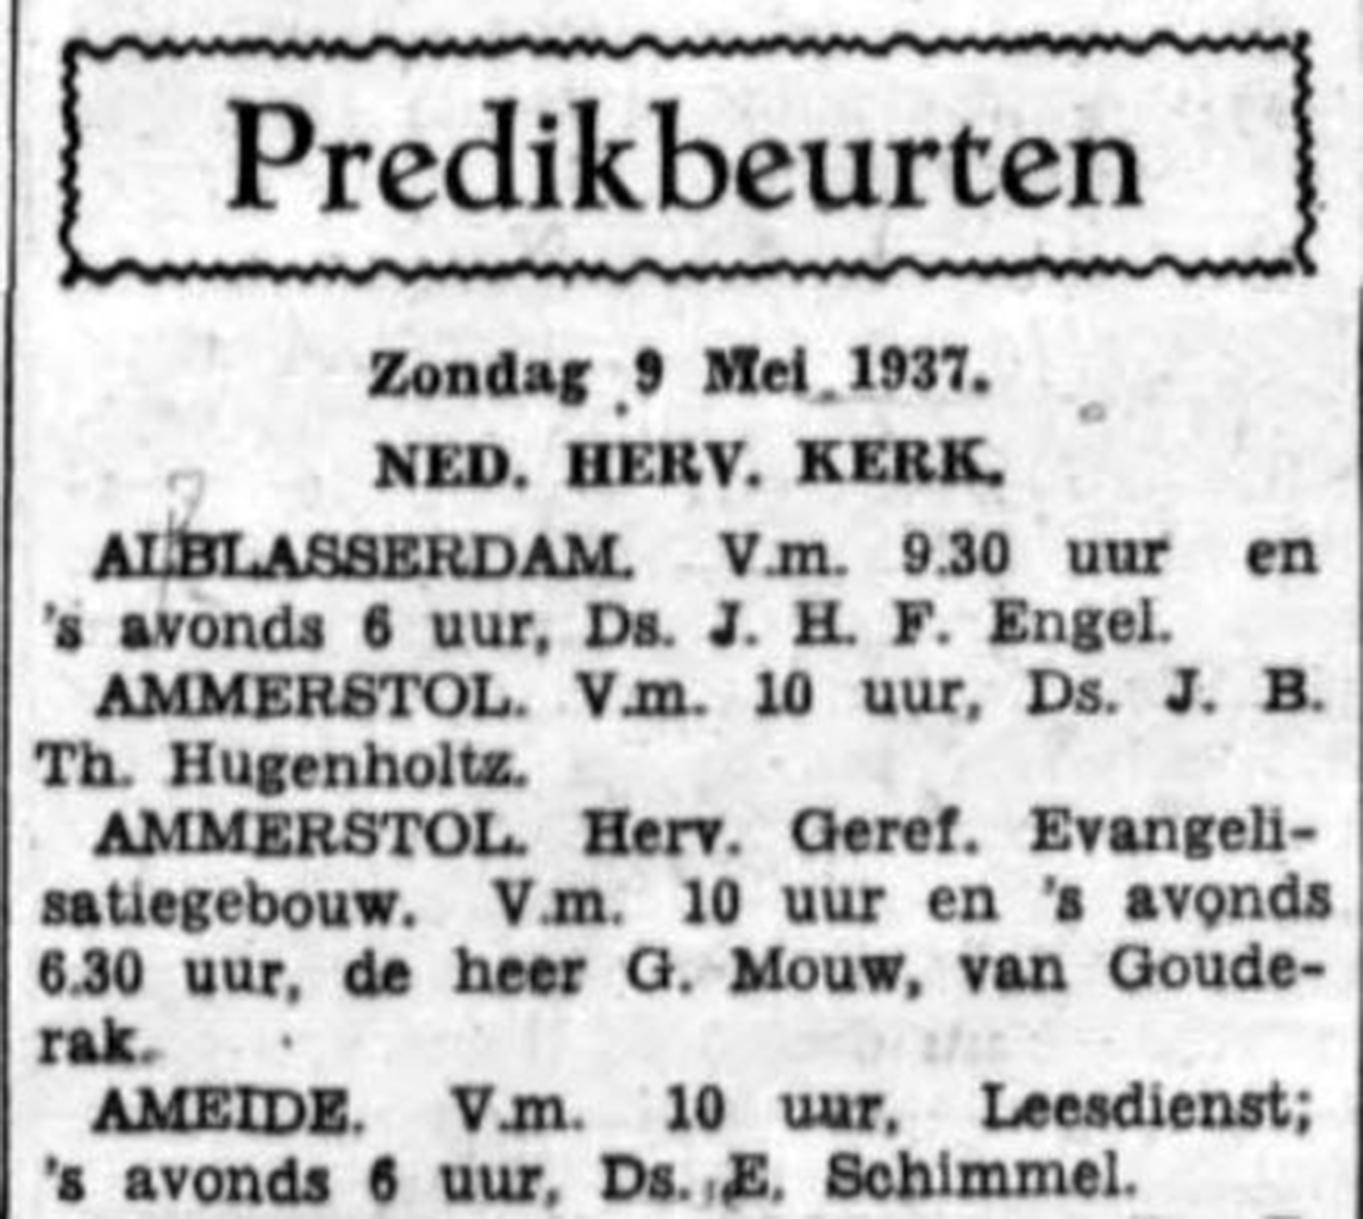 schoonhovensche-courant-06806-1937-05-07-artikel-01